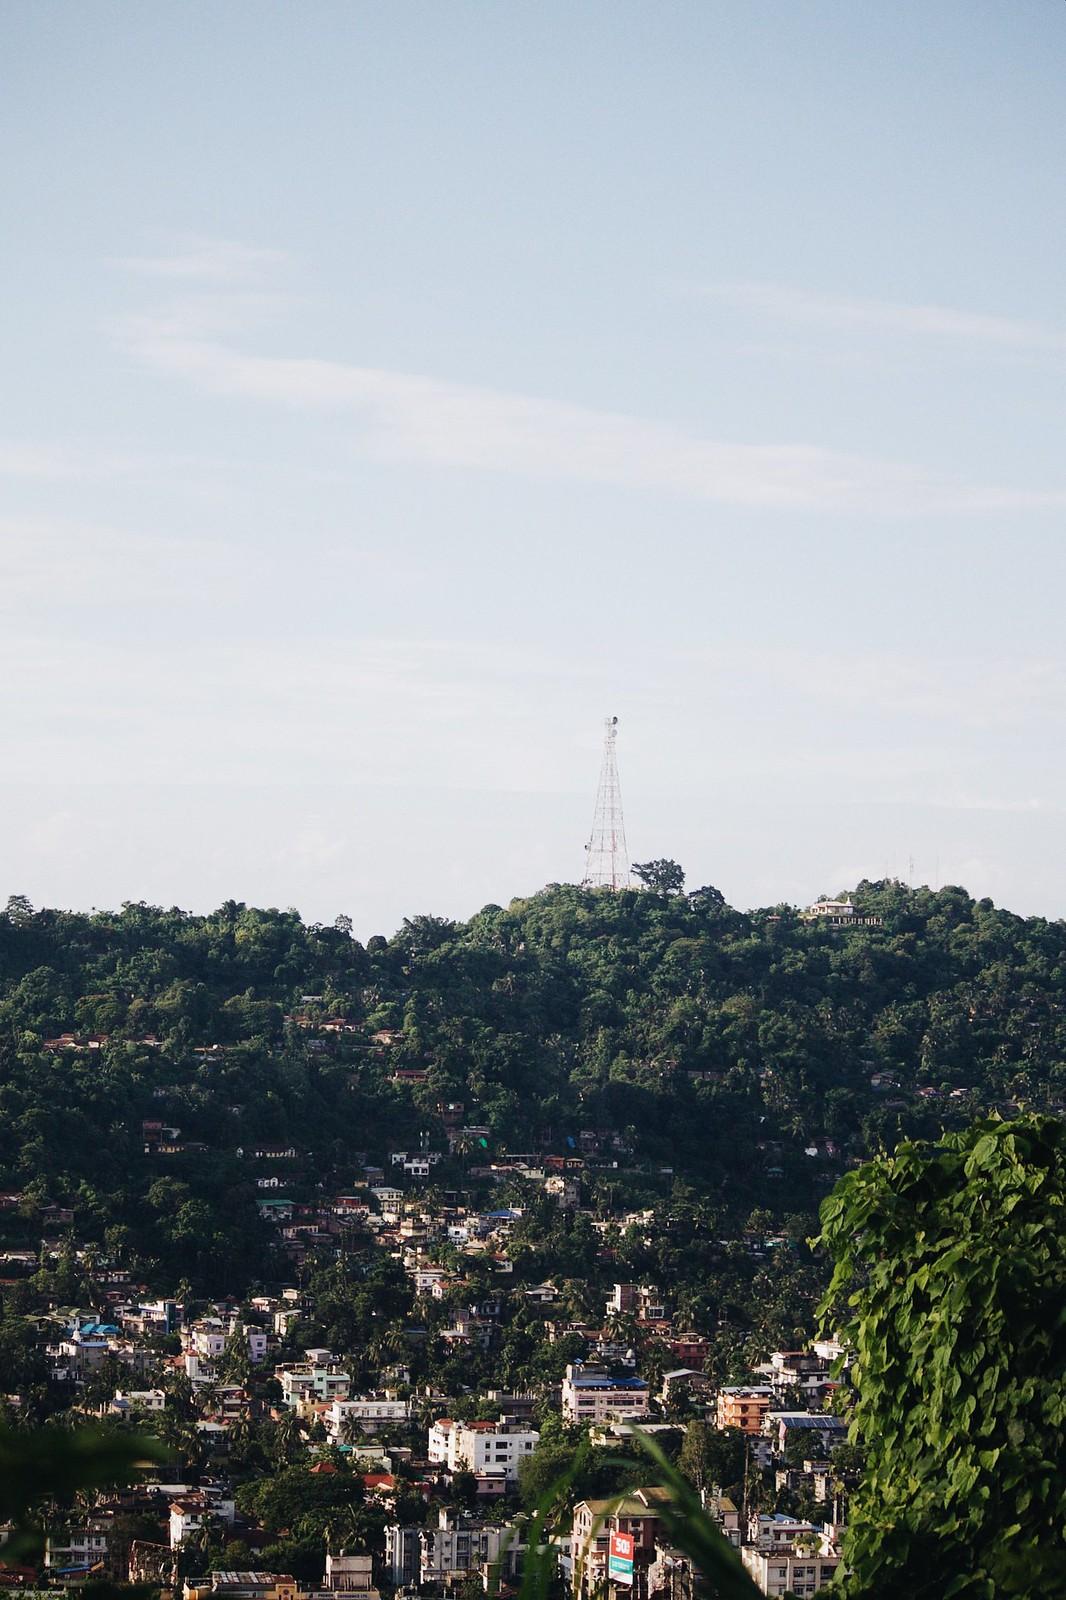 Guwahati City view Gandhi Mandap, Guwahati, Assam, Northeast India